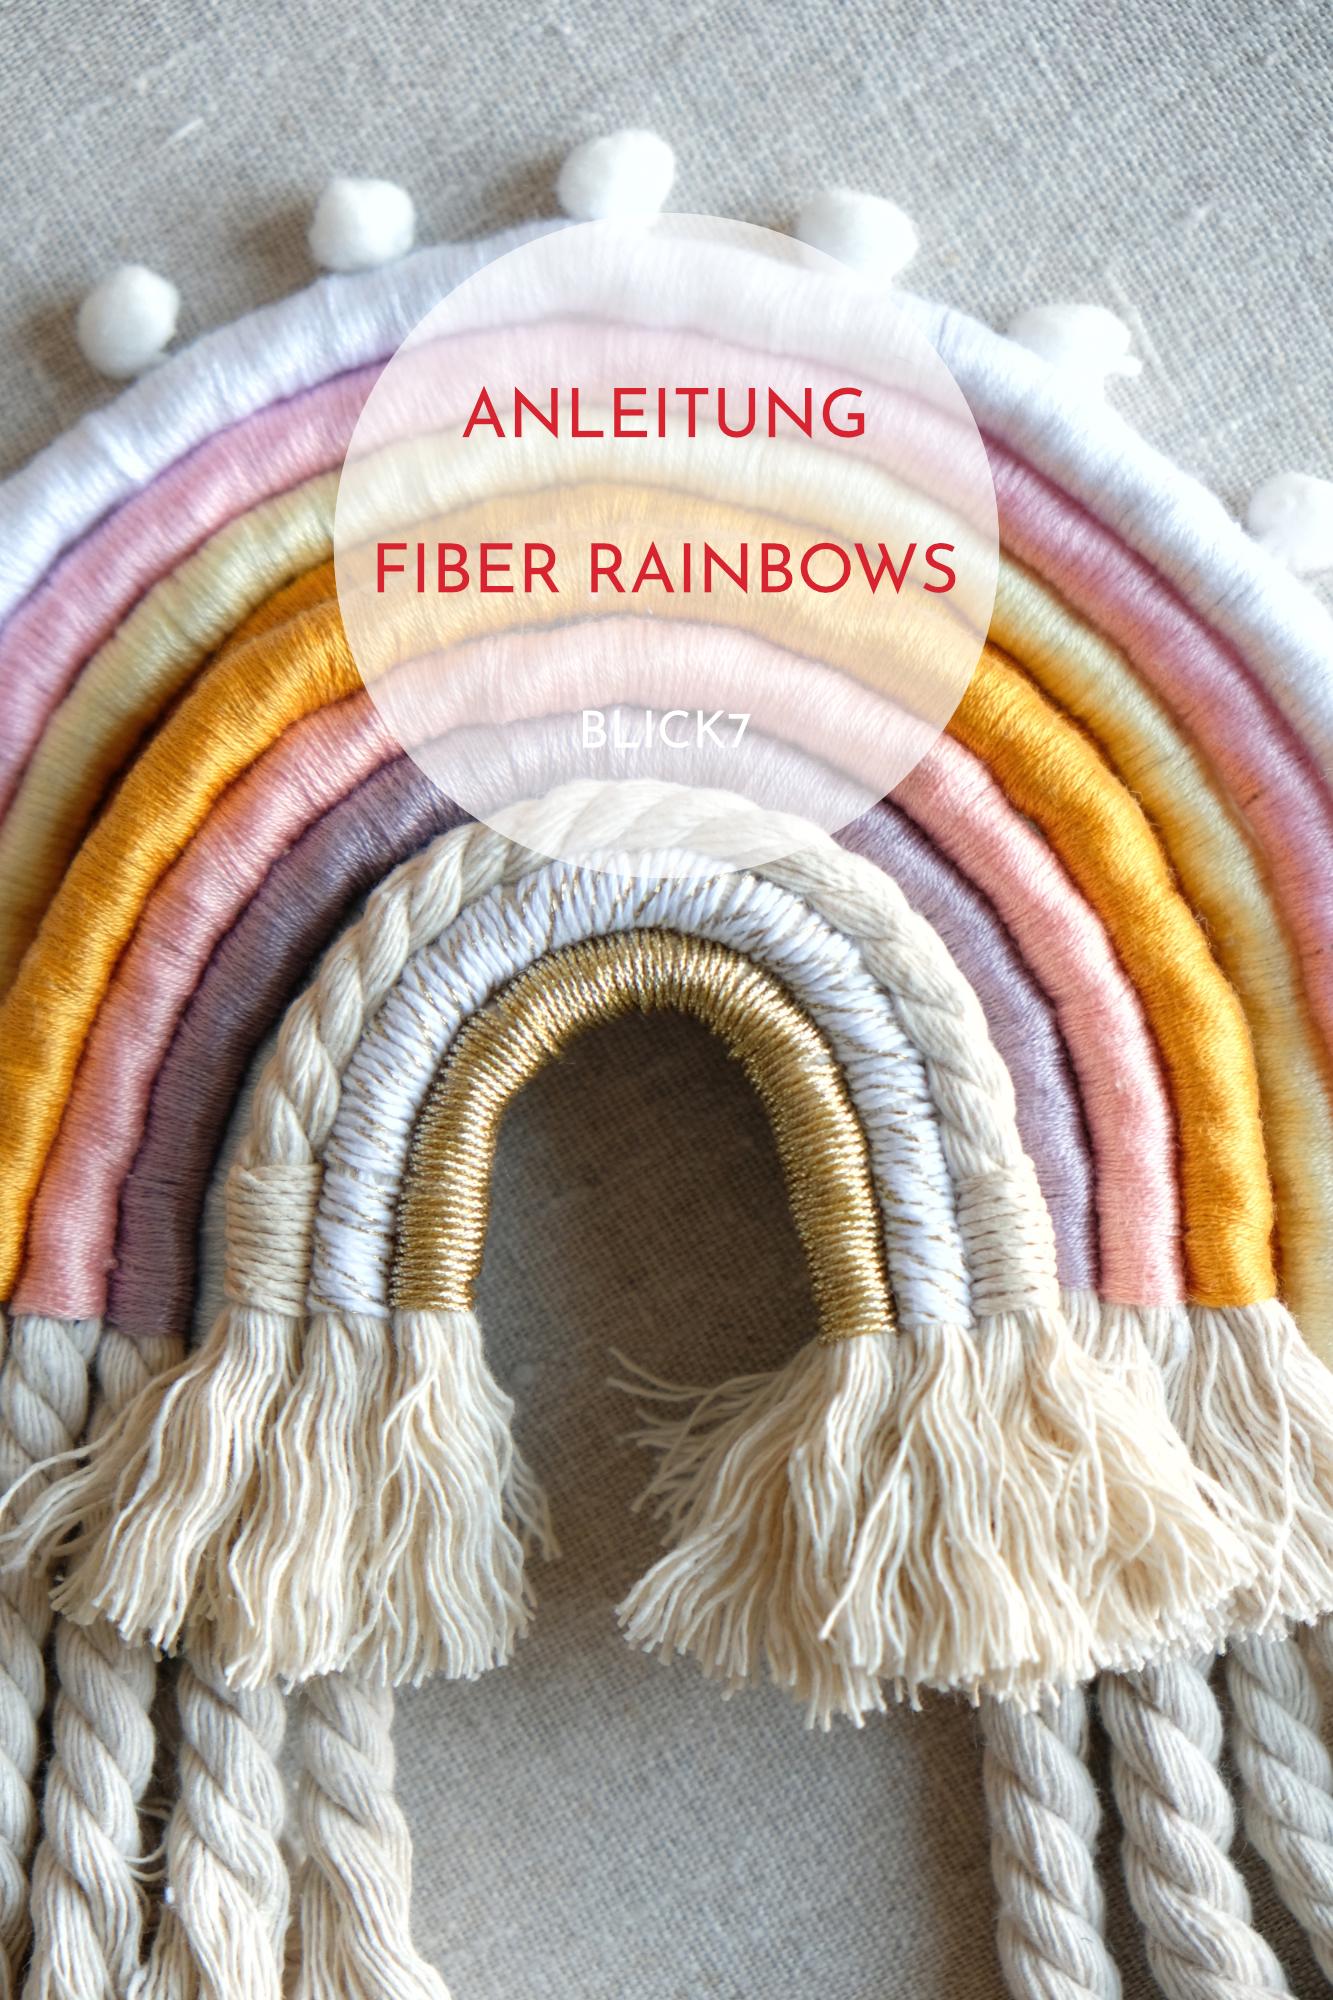 DIY Anleitung fiber rainbows - Makramee Regenbogen blick7